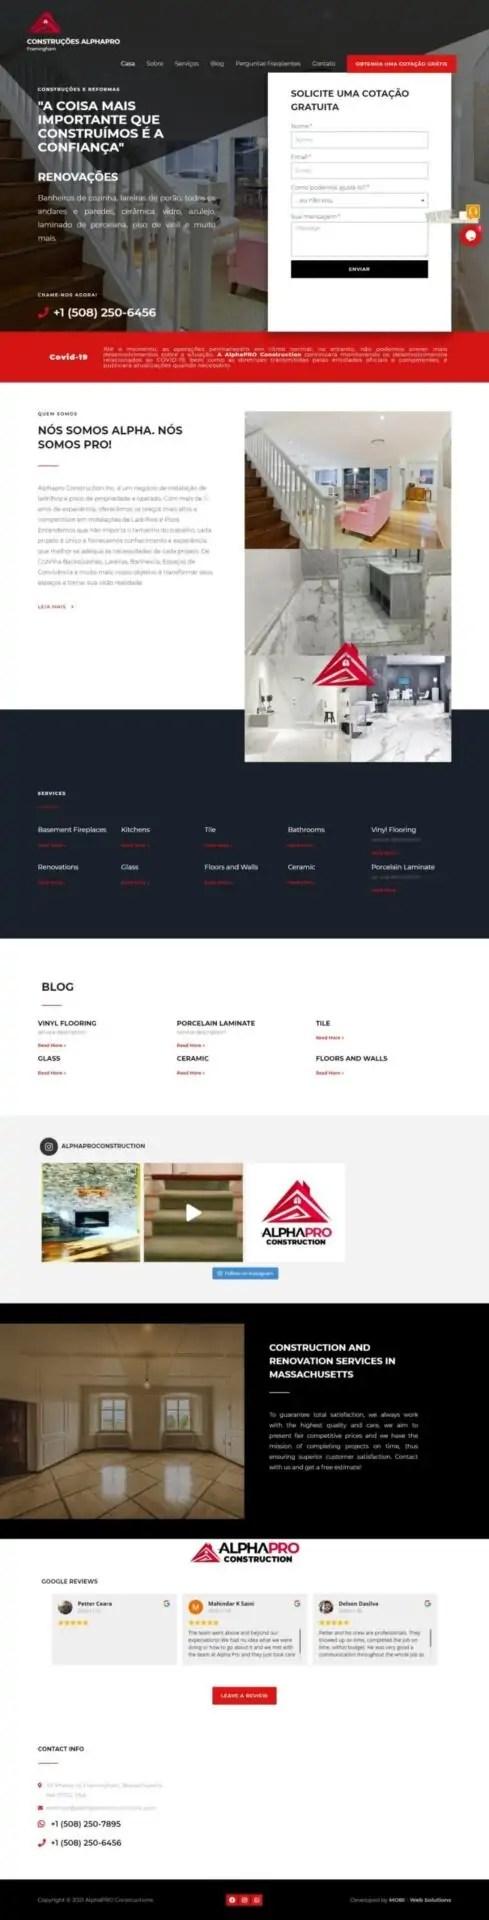 Captura da Web_7-2-2021_212040_alphaproconstructioninc.com